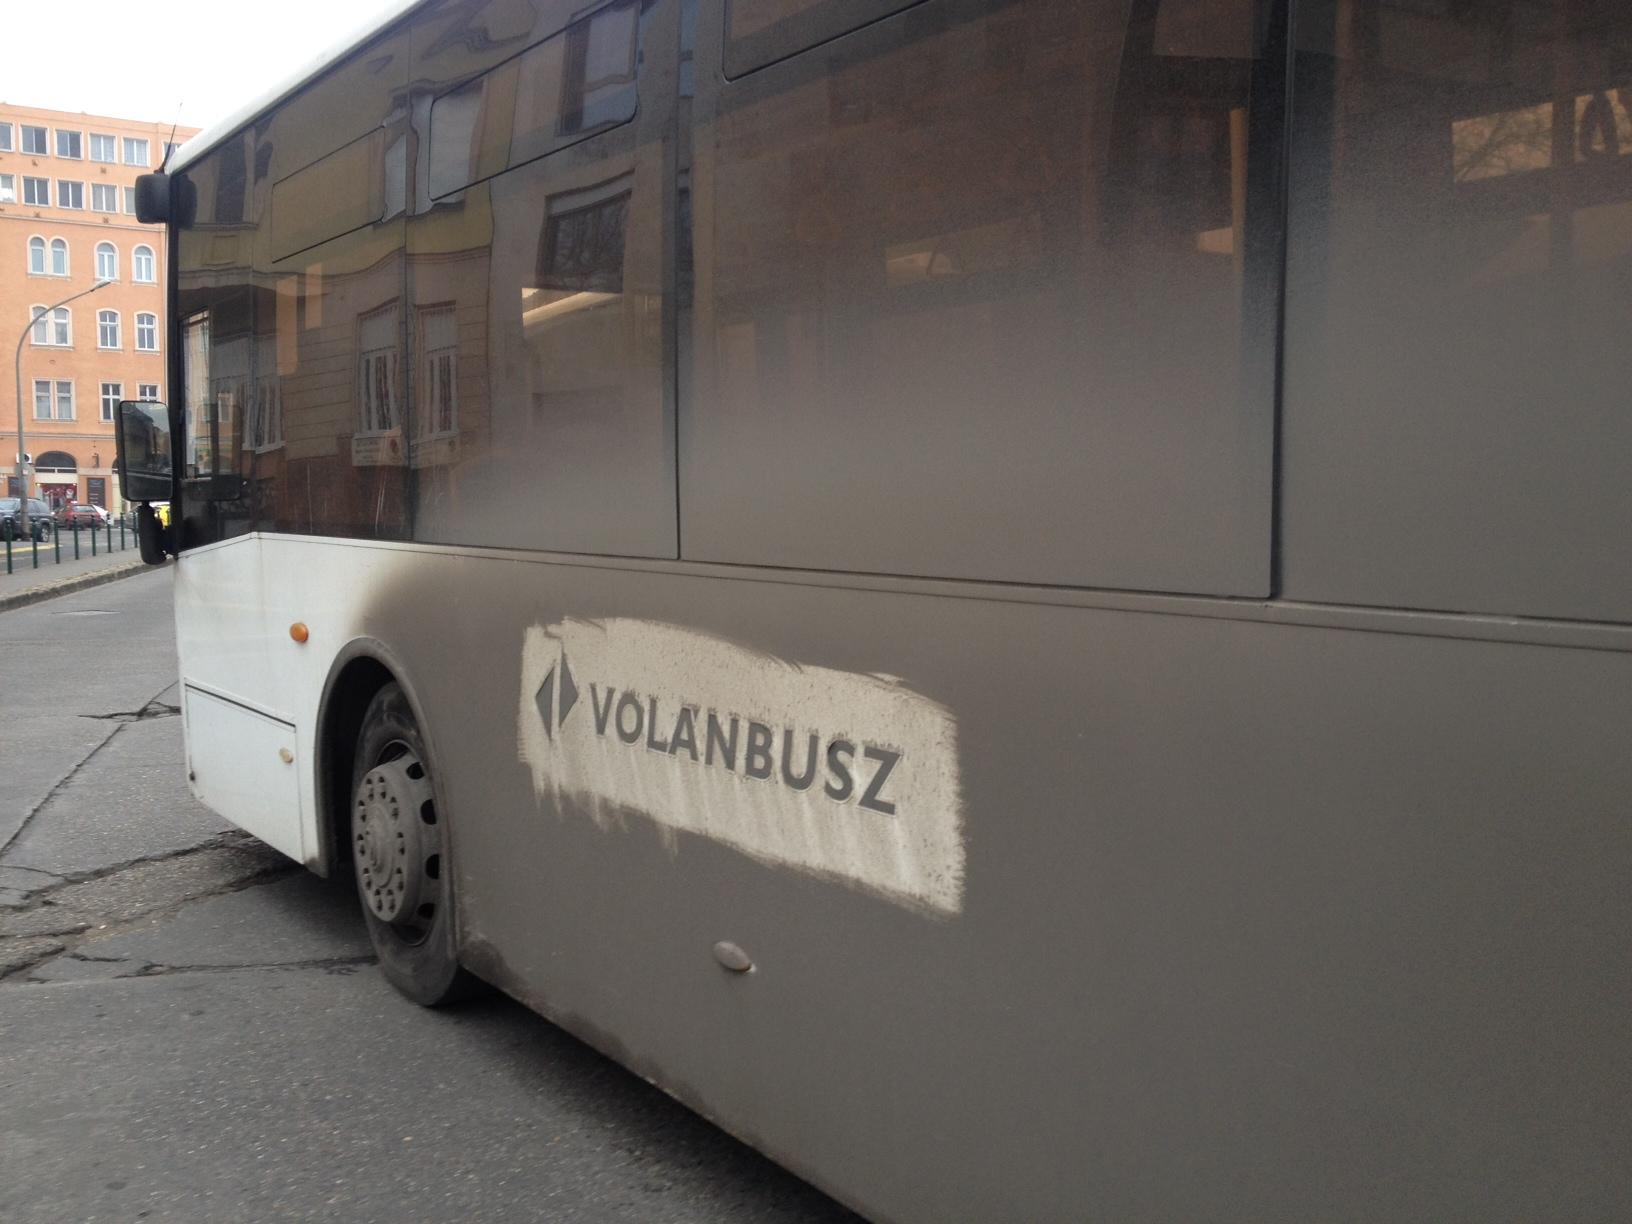 Terrortámadástól tart a Volán, nemzetbiztonsági okokra hivatkozva nem mondják meg, ki cserélt ki 16 darab kandelábert a váci buszpályaudvaron